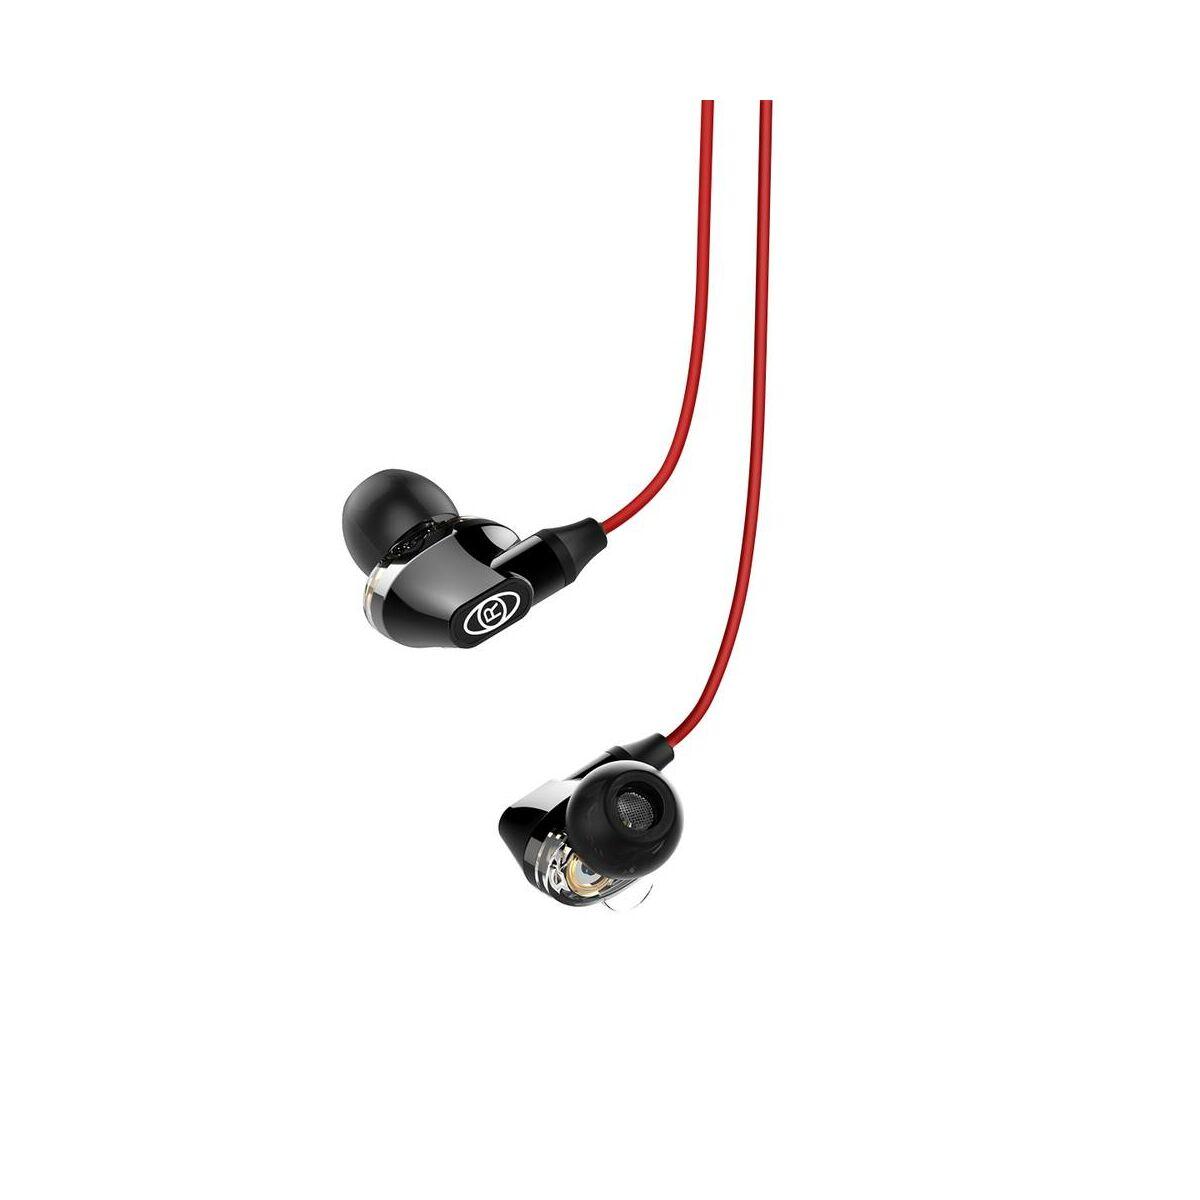 Baseus fülhallgató, Encok H08 Immersive virtual 3D gaming, mini jack, vezetékes, vezérlővel, piros/fekete (NGH08-91)